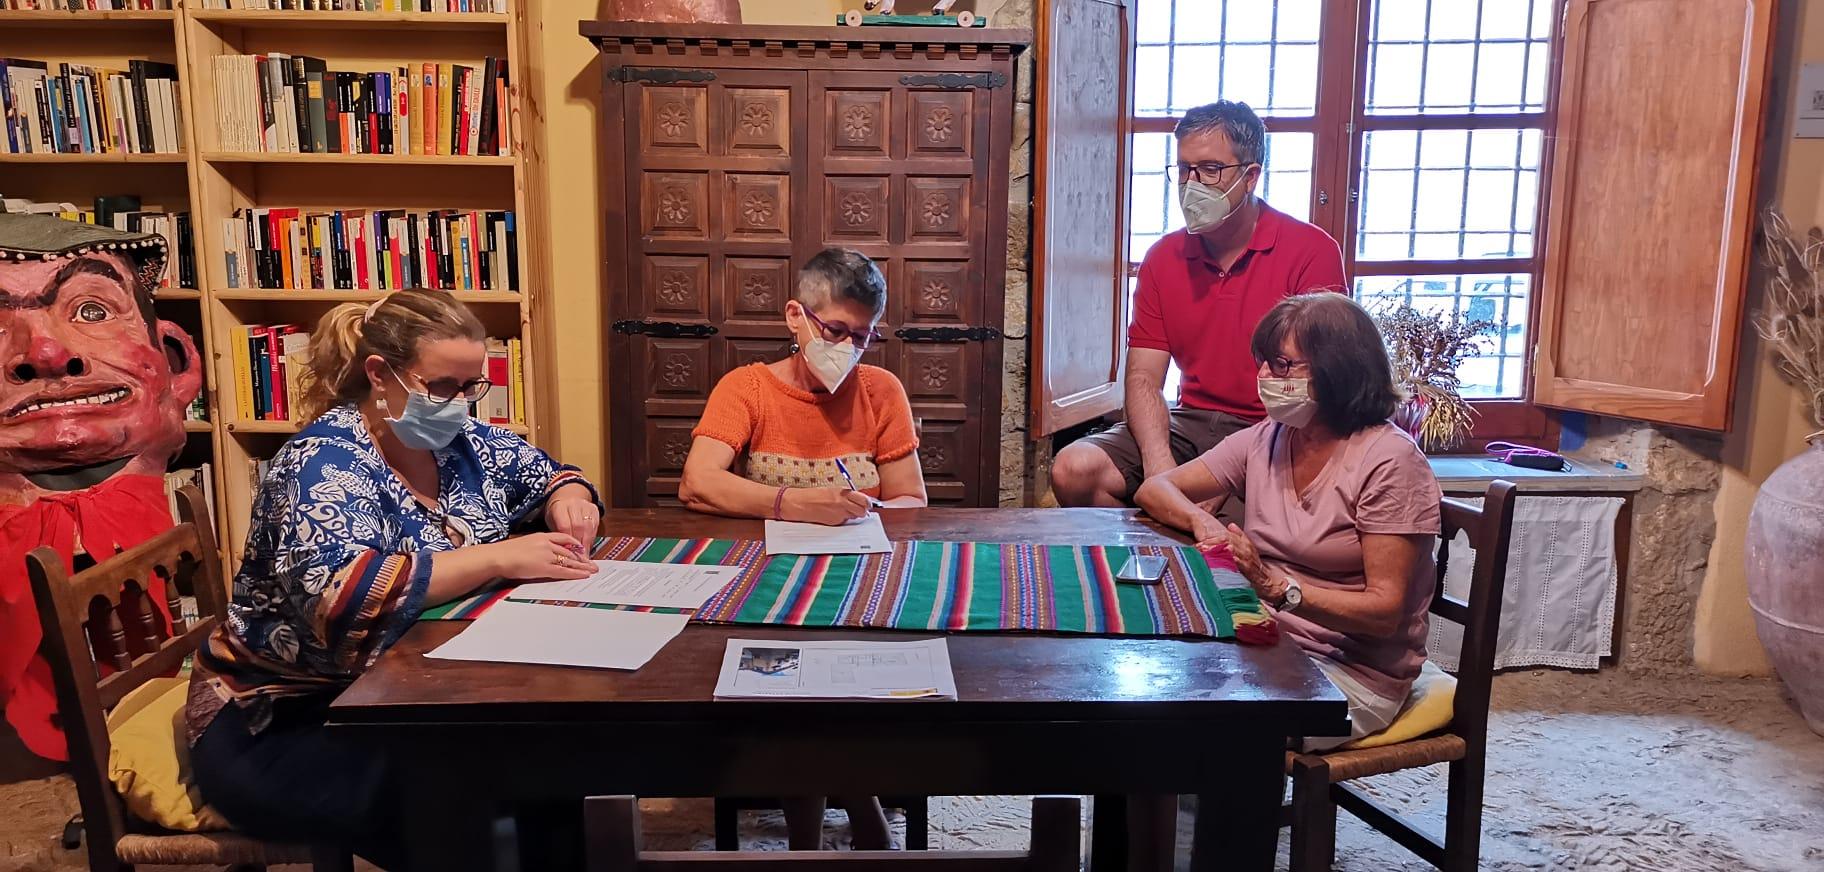 Benassal recordarà la vida i obra de TeresaPascualen una casa museu